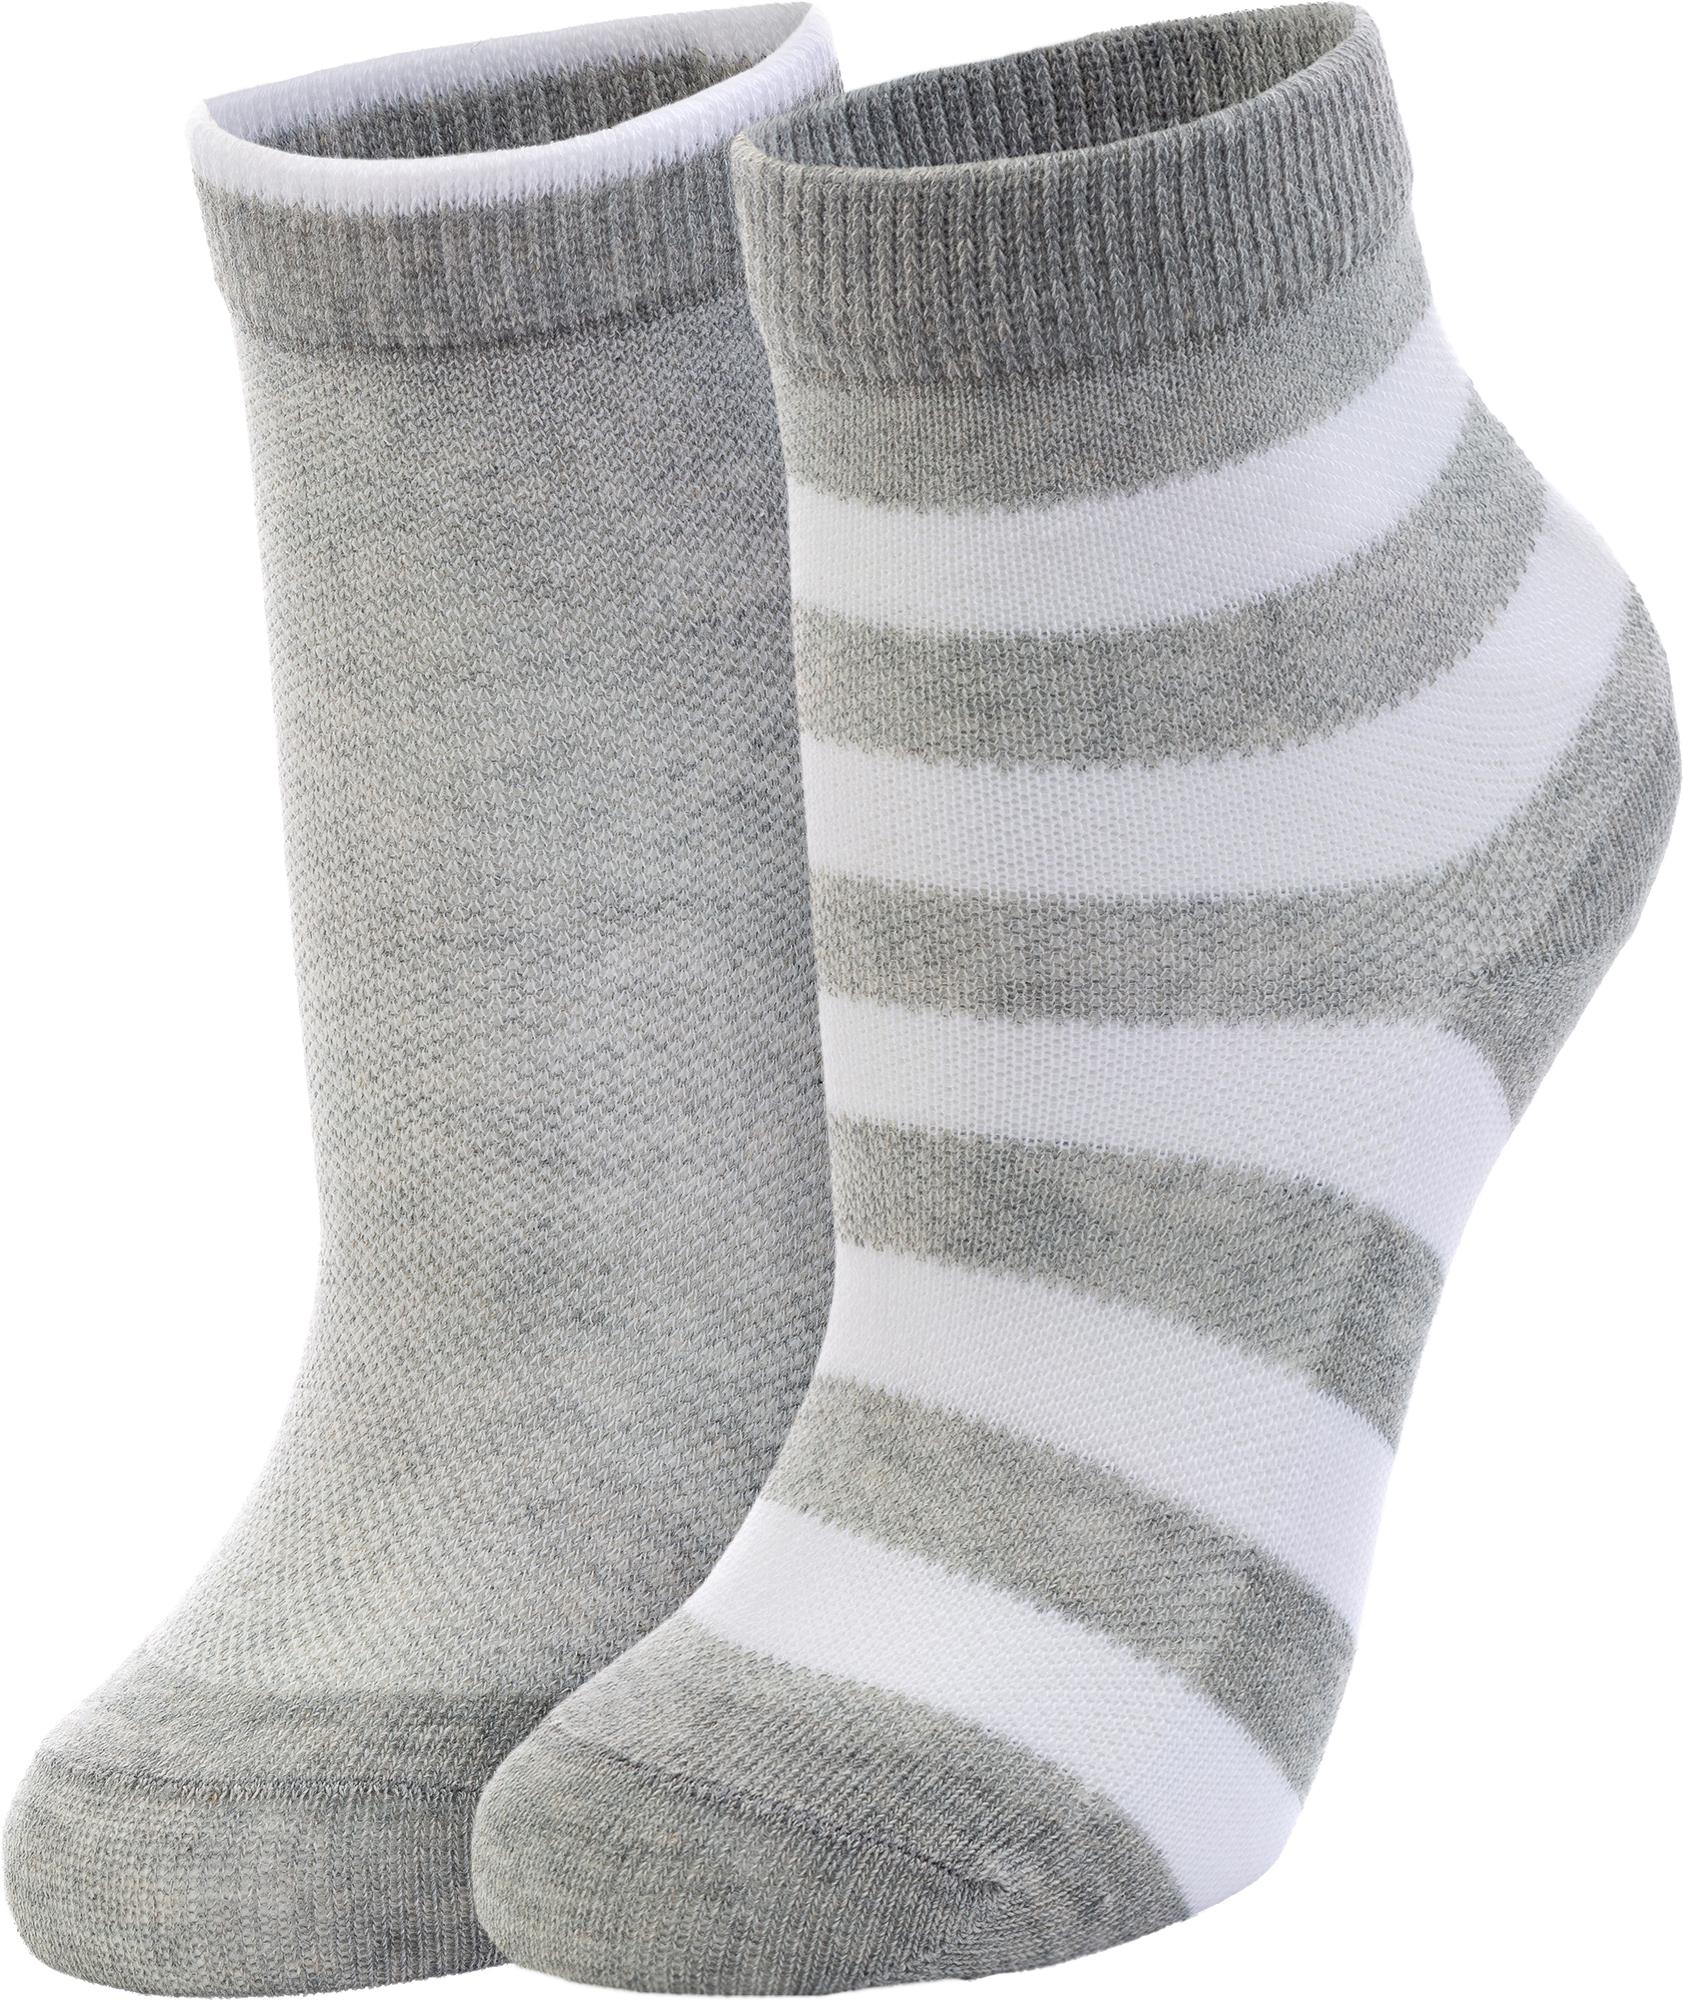 белье acoola носки детские 2 пары цвет ассорти размер 16 18 32114420052 Wilson Носки для мальчиков Wilson, 2 пары, размер 25-27